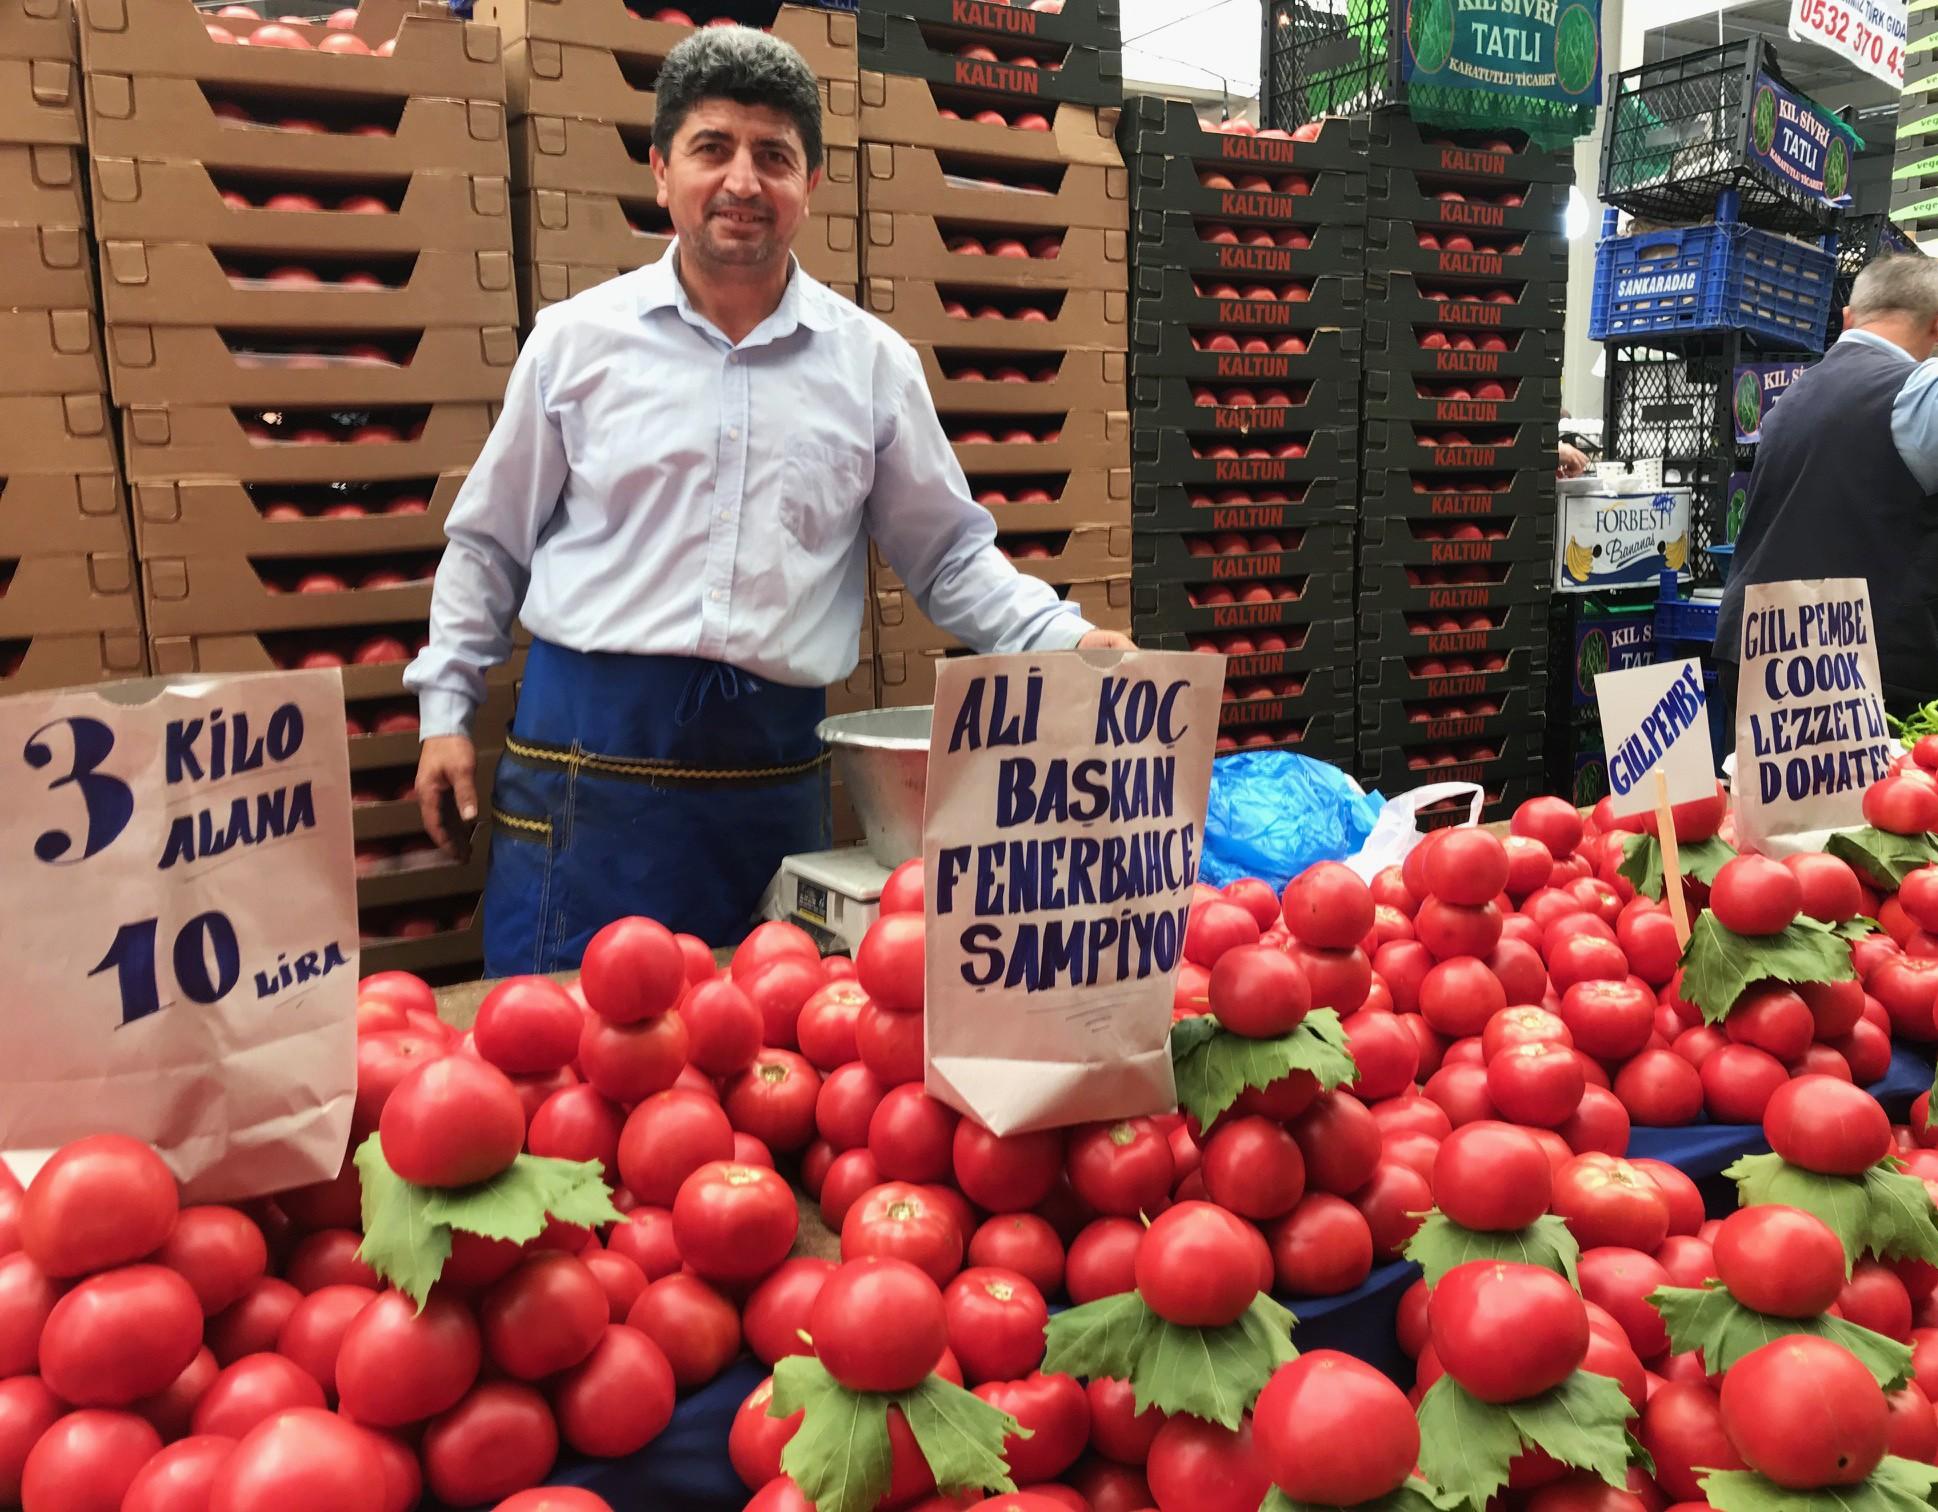 Beylikdüzü pazar esnafından Ali Koç'a destek